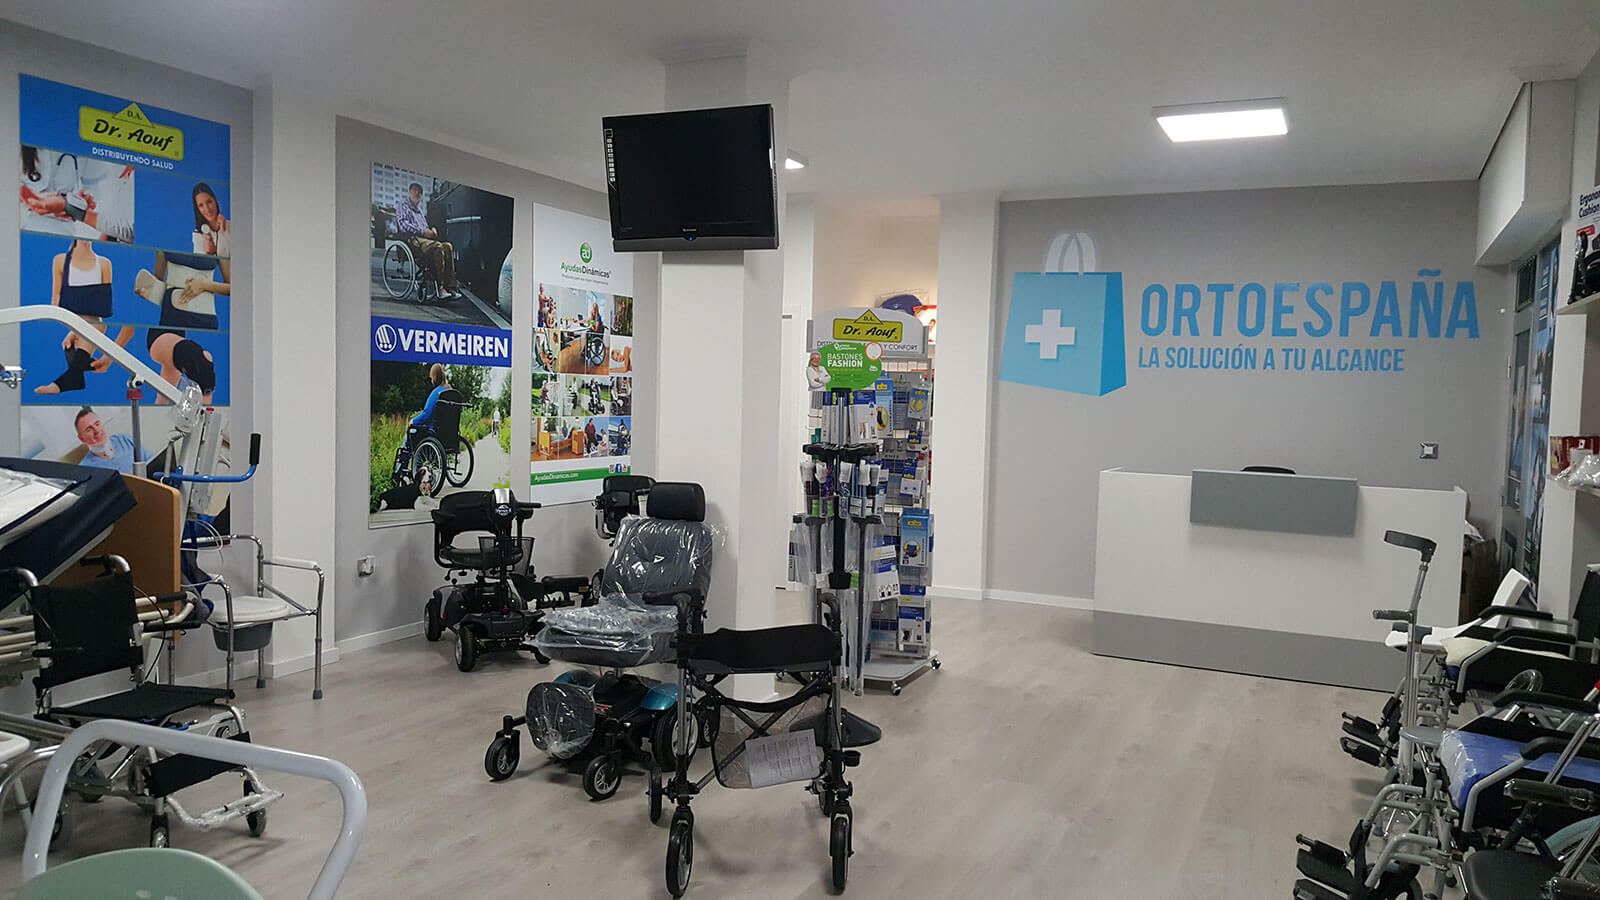 Tienda ortopedia en cordoba, ortoespaña